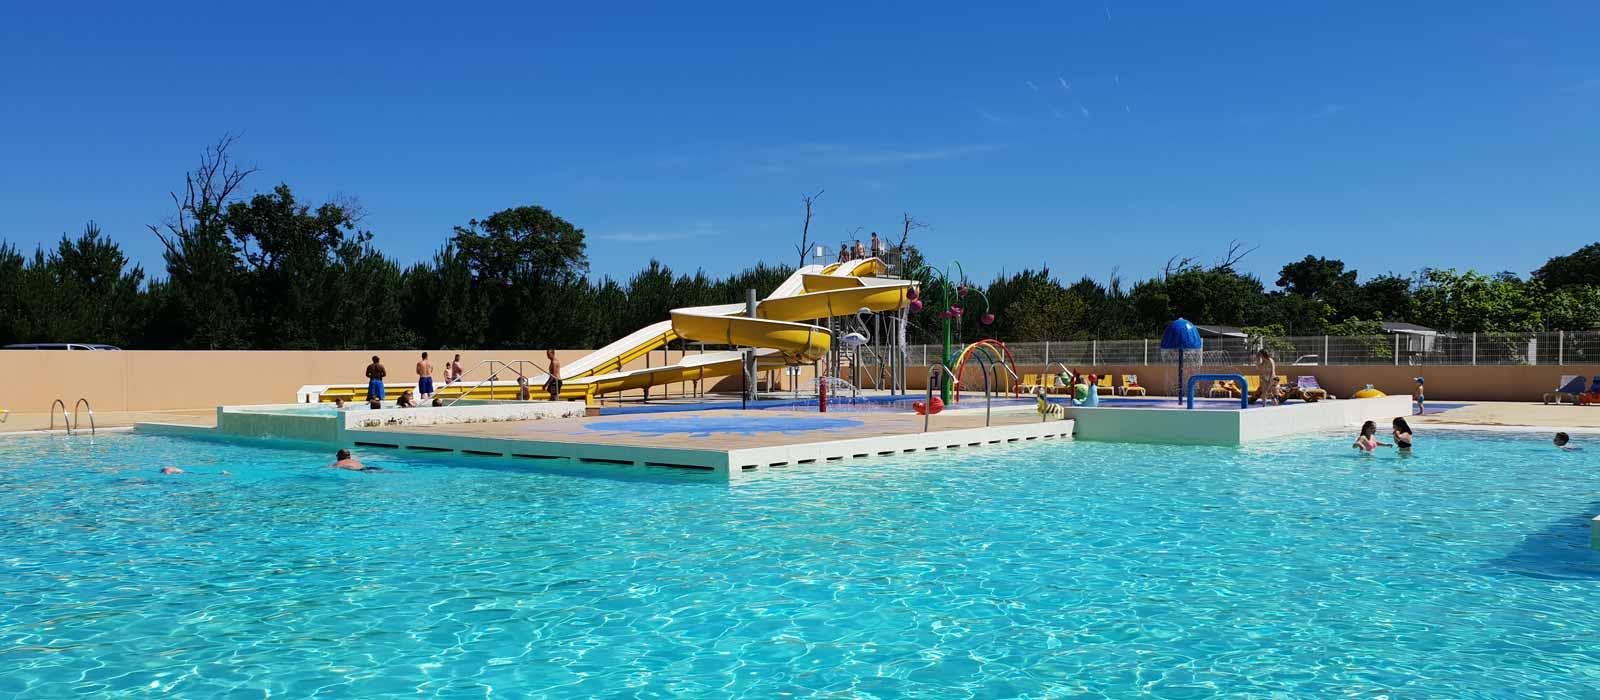 Campings avec piscine chauffée dans le sud